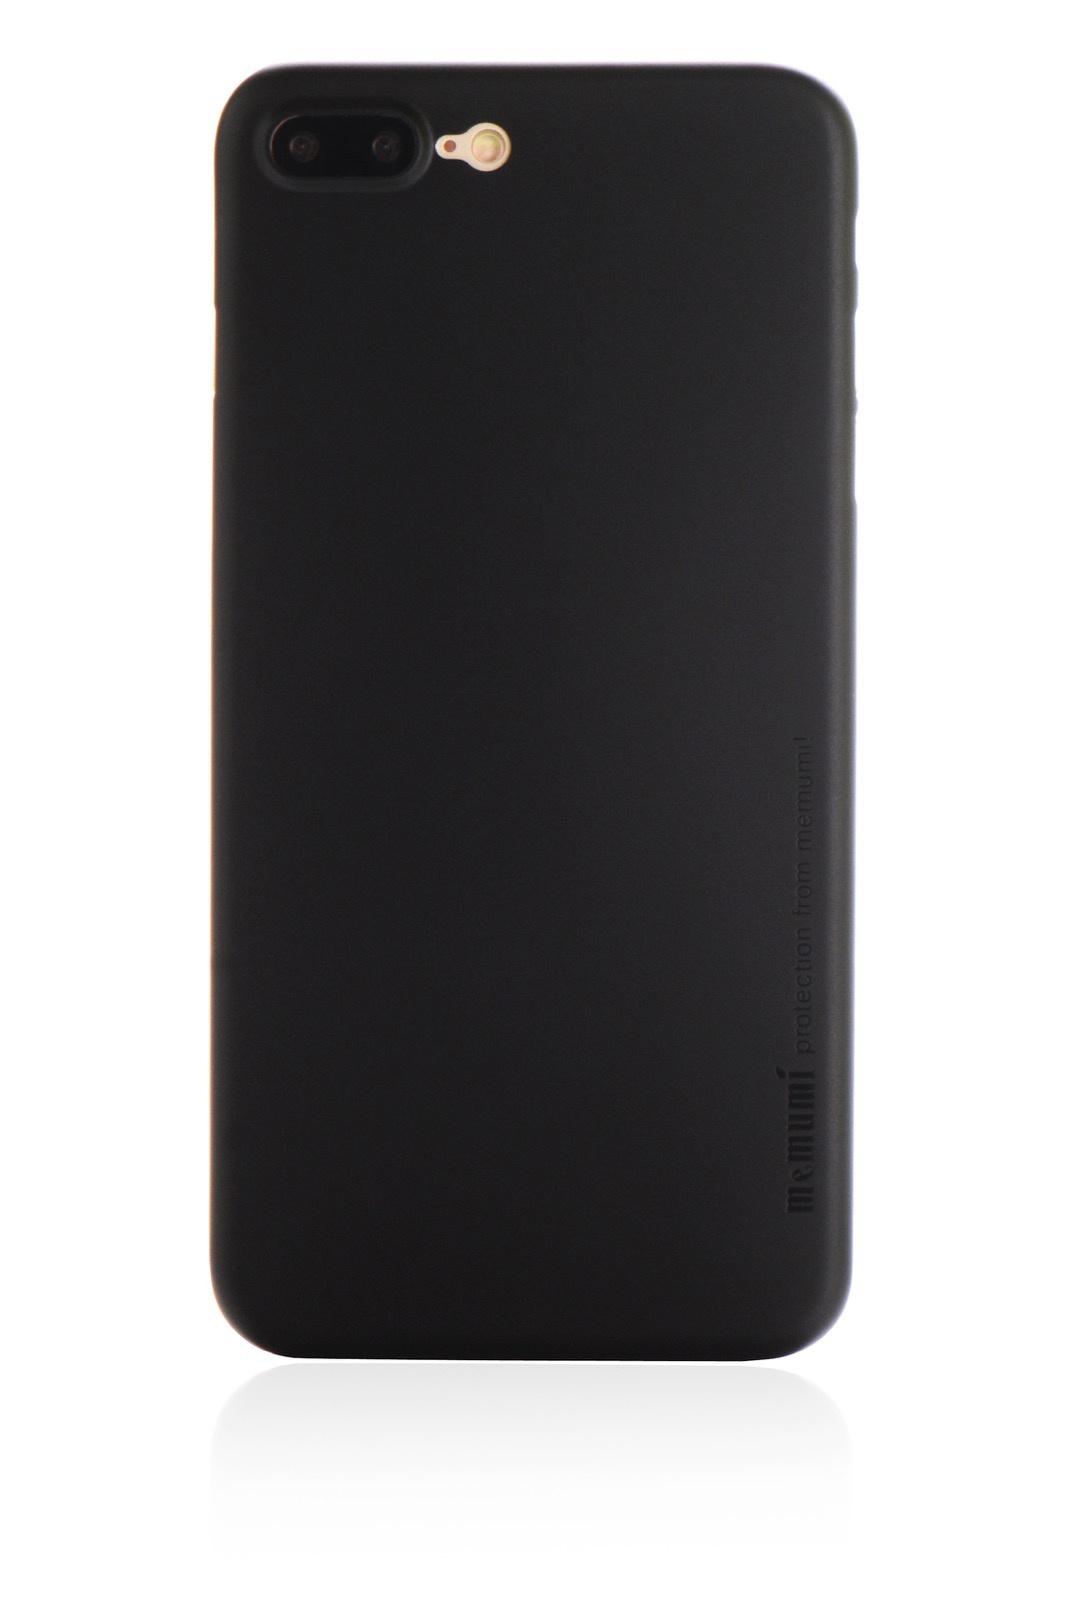 """Чехол для сотового телефона Memumi Ultra Slim Premium 901640 пластик 0.3 mm для Apple iPhone 7 Plus/8 Plus 5.5"""", черный"""